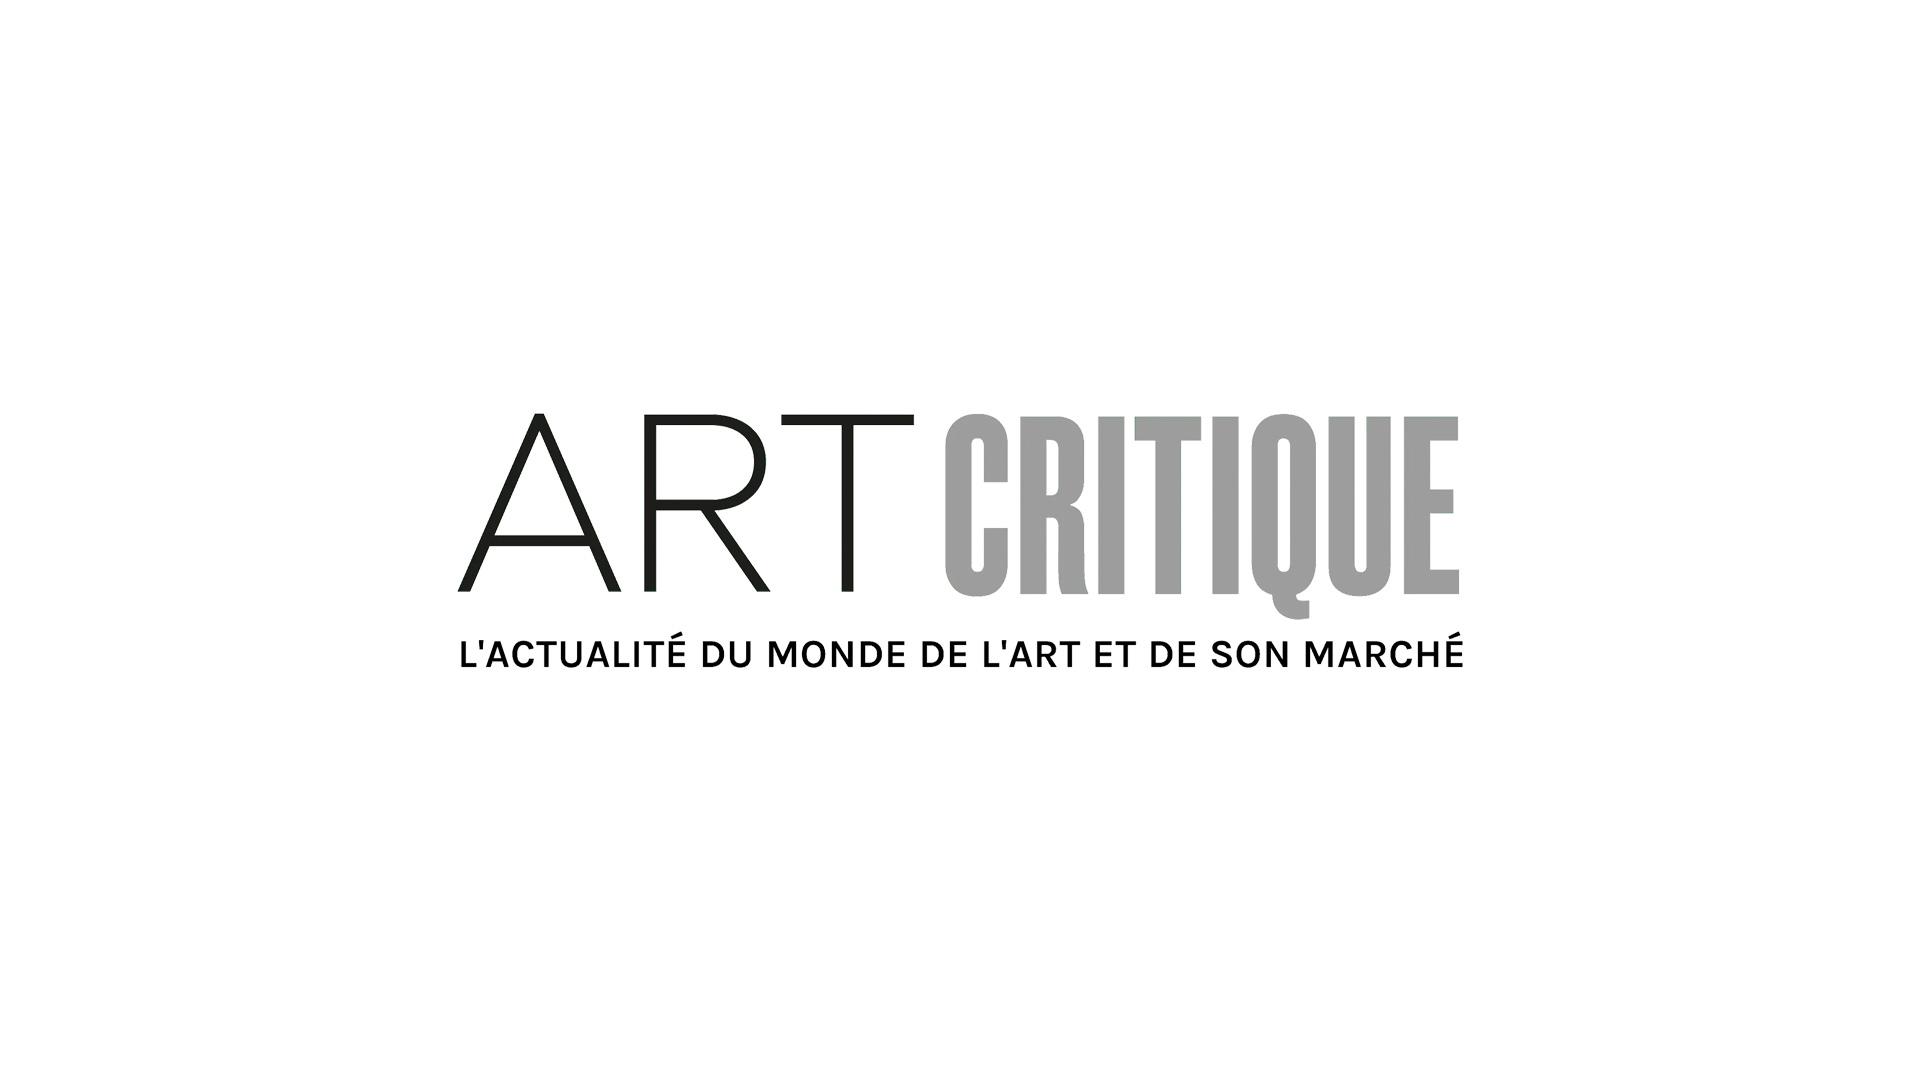 Un musée consacré à Broadway bientôt à New York